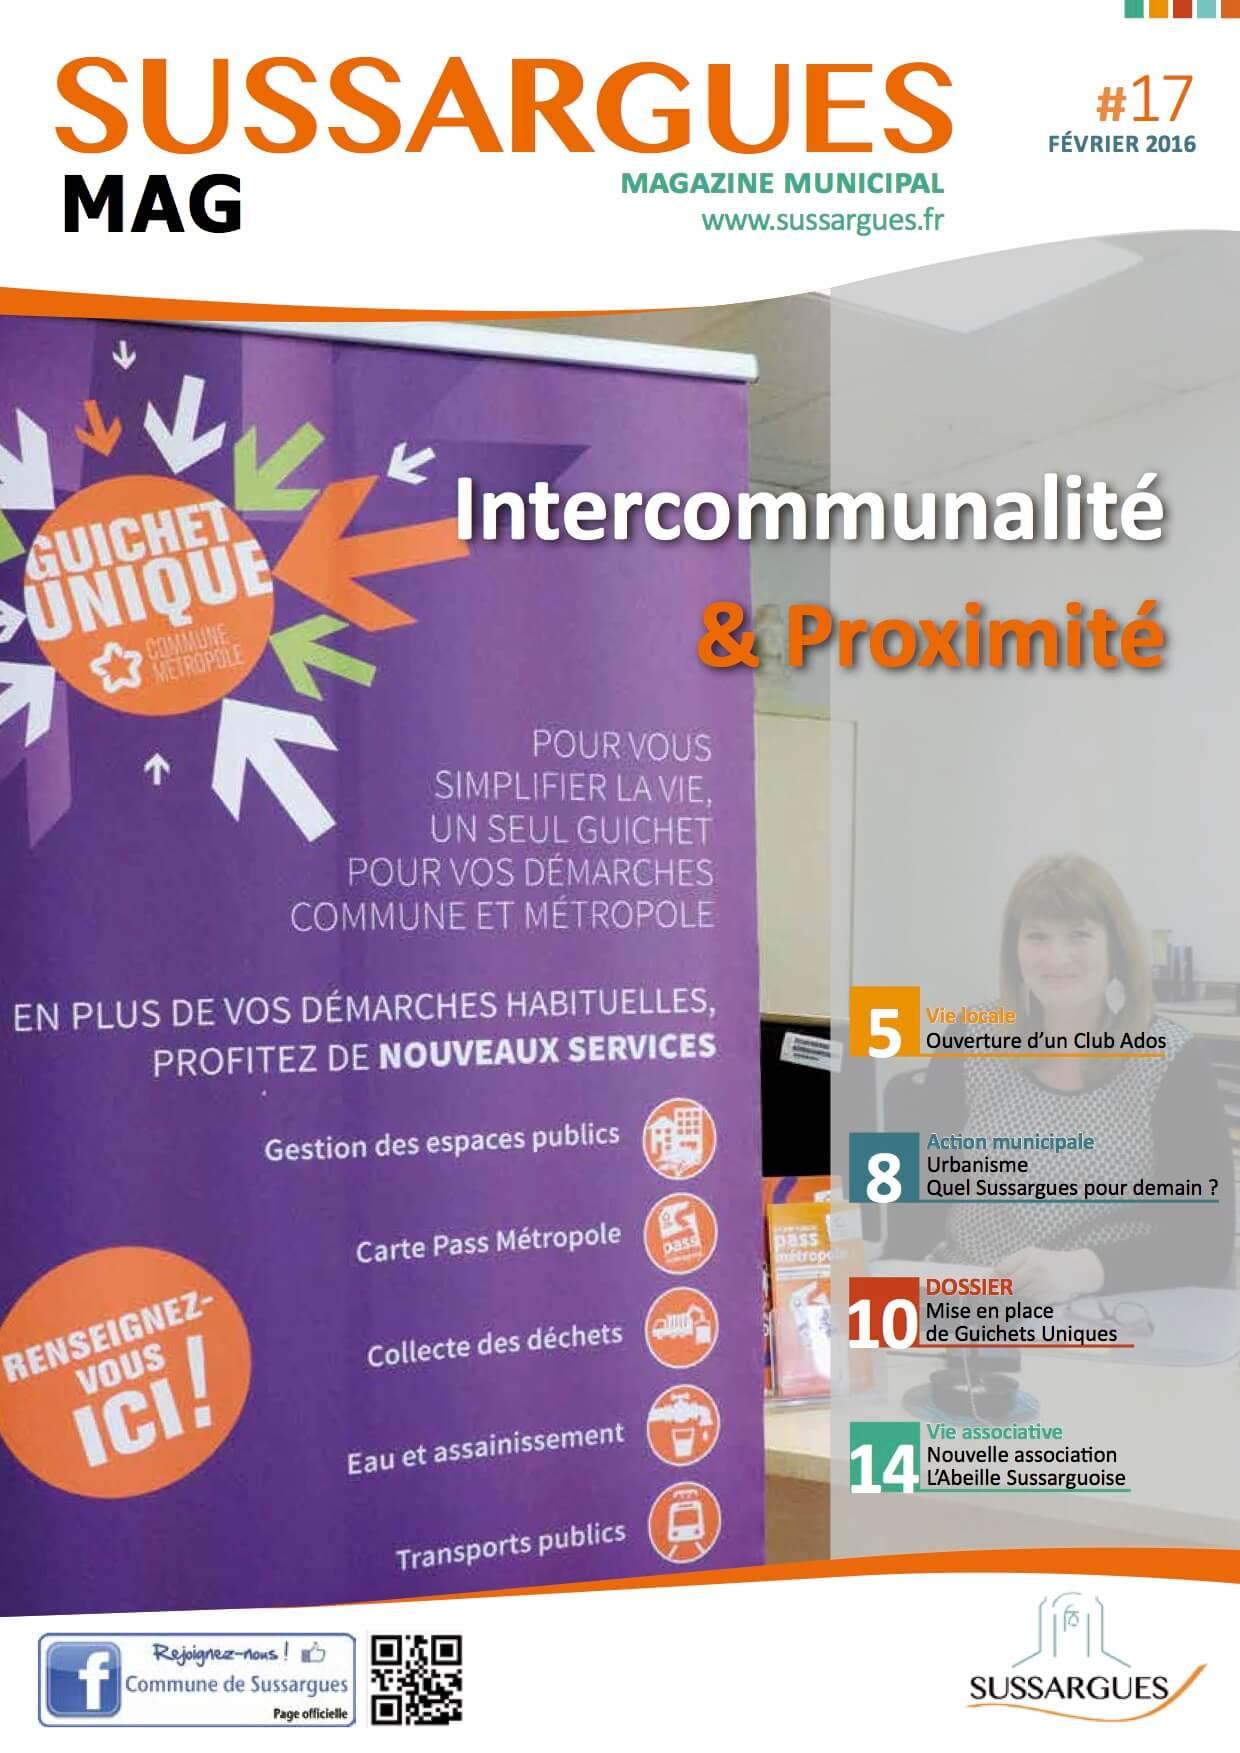 Image Intercommunialité & Proximité